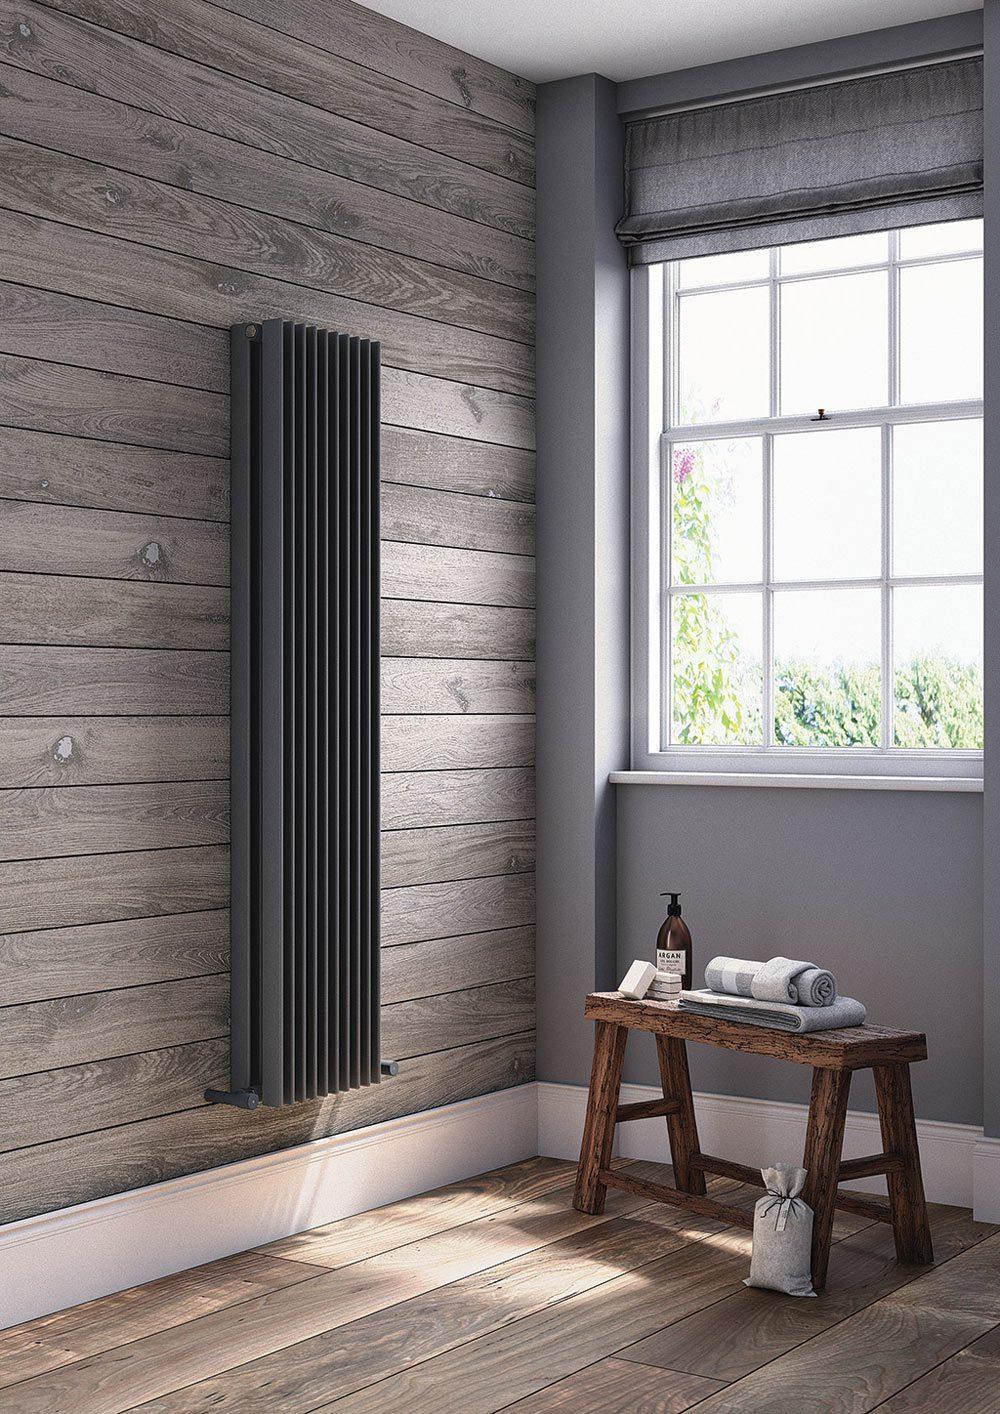 Arezzo Heated Towel Rails Btw Baths Tiles Woodfloors